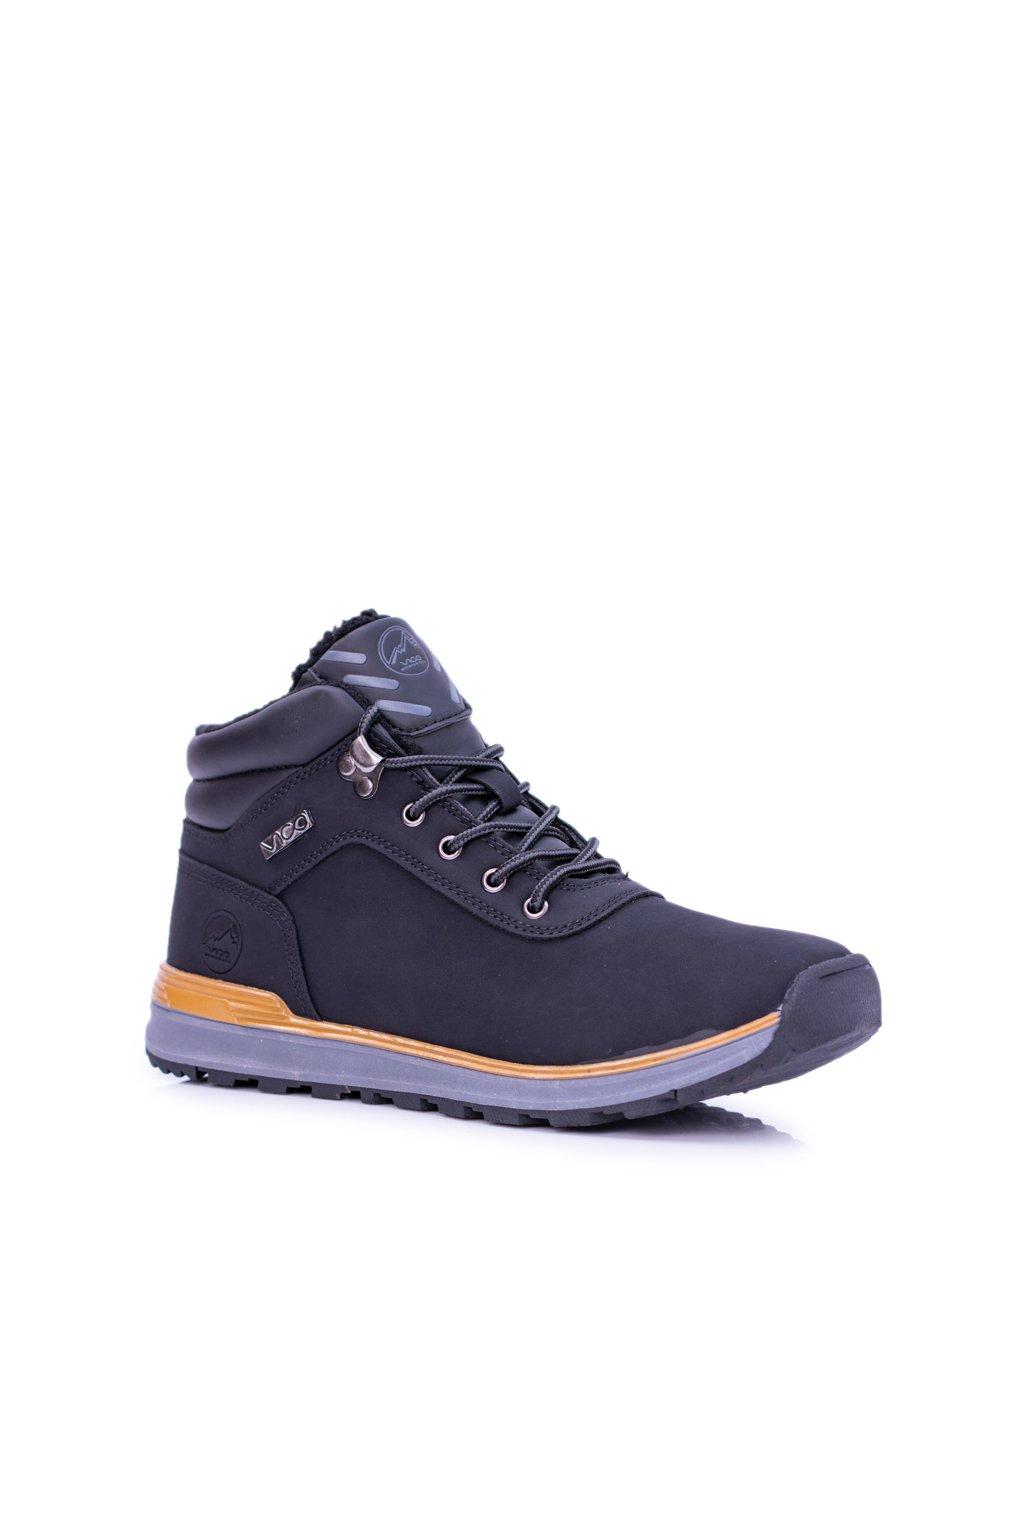 Teplé čierne pánske trekové topánky Preventi